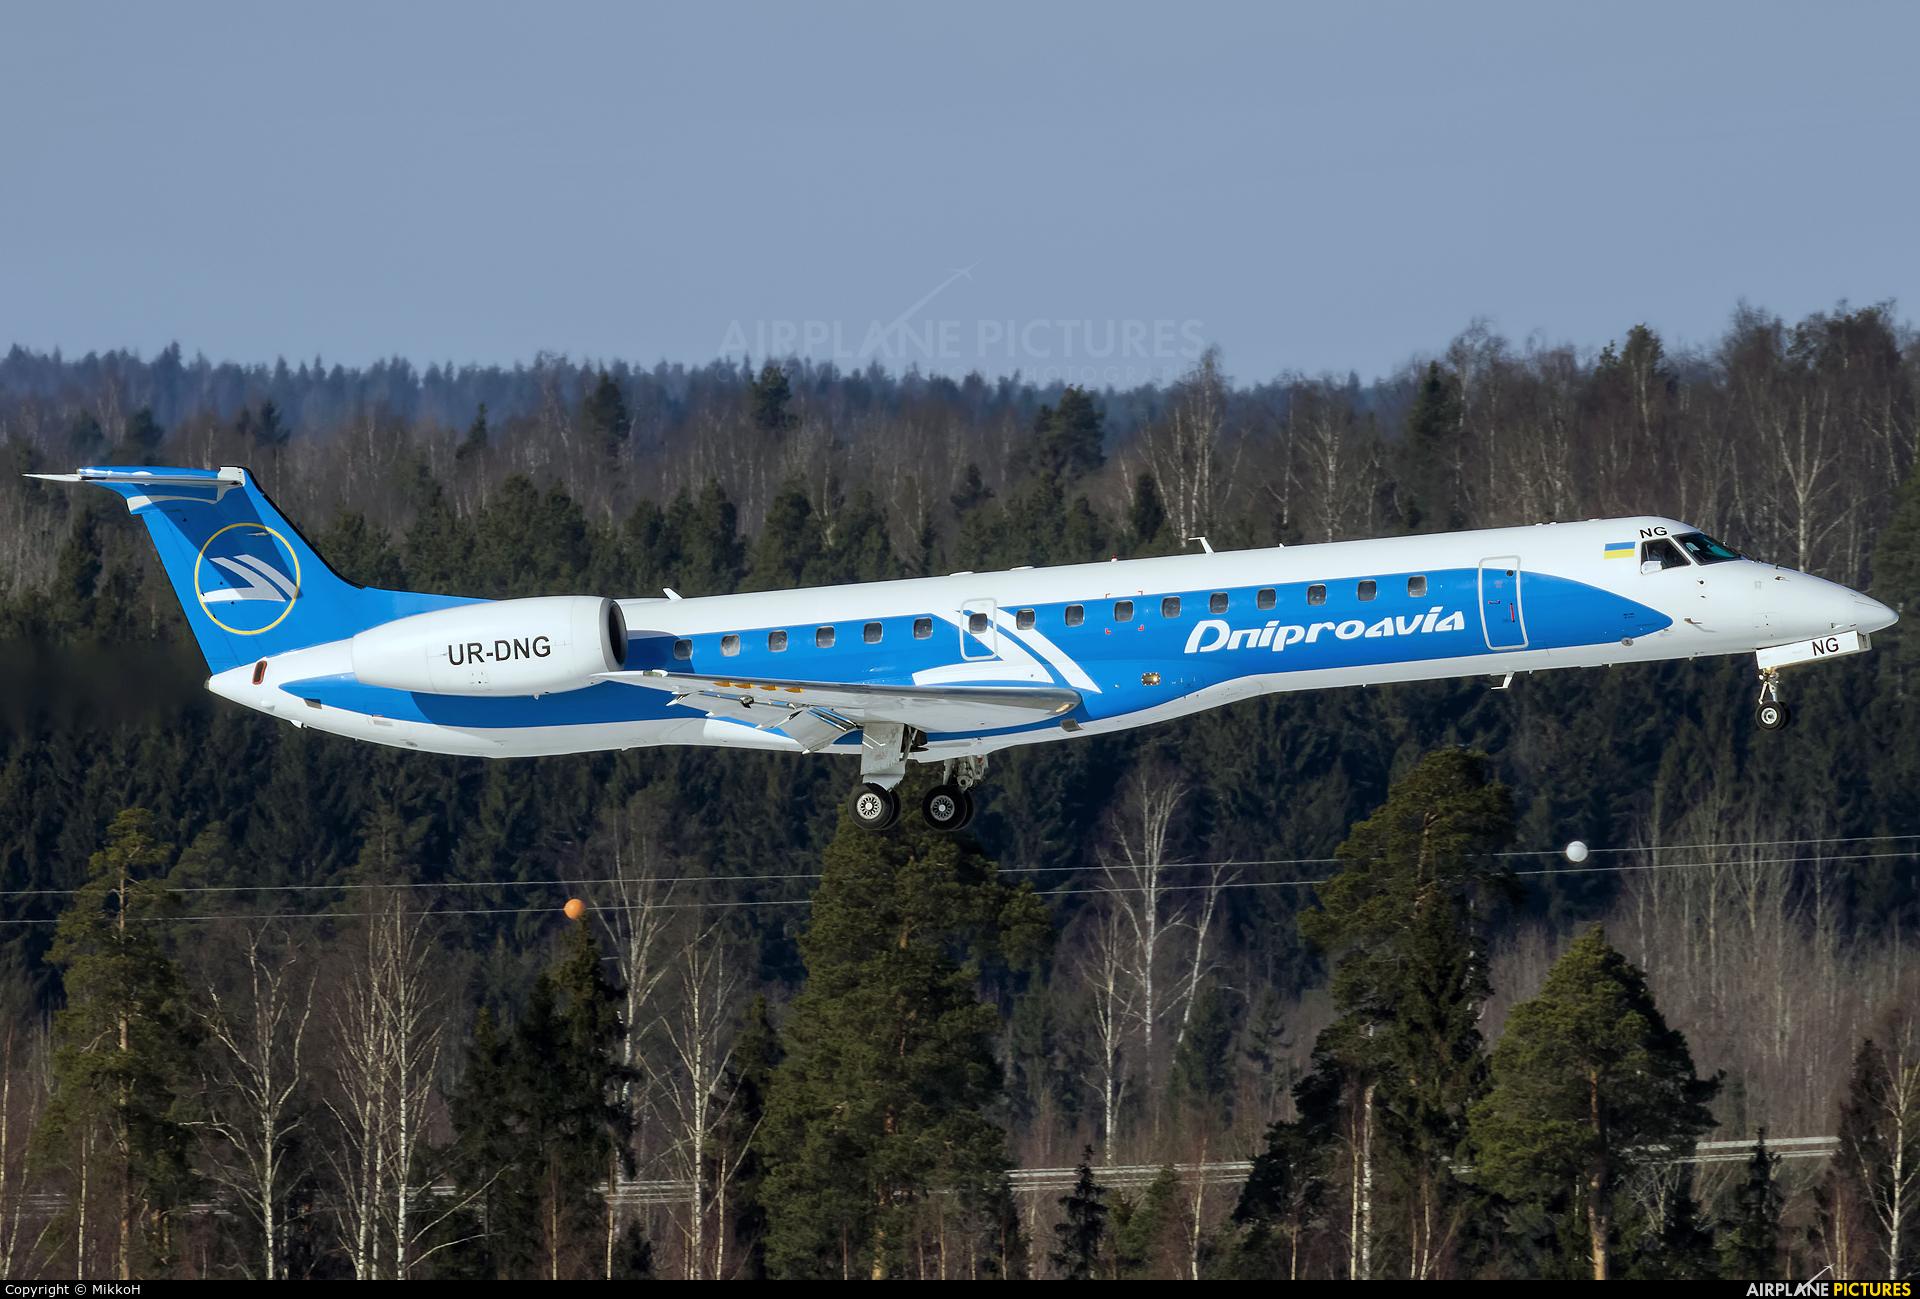 Dniproavia UR-DNG aircraft at Helsinki - Vantaa